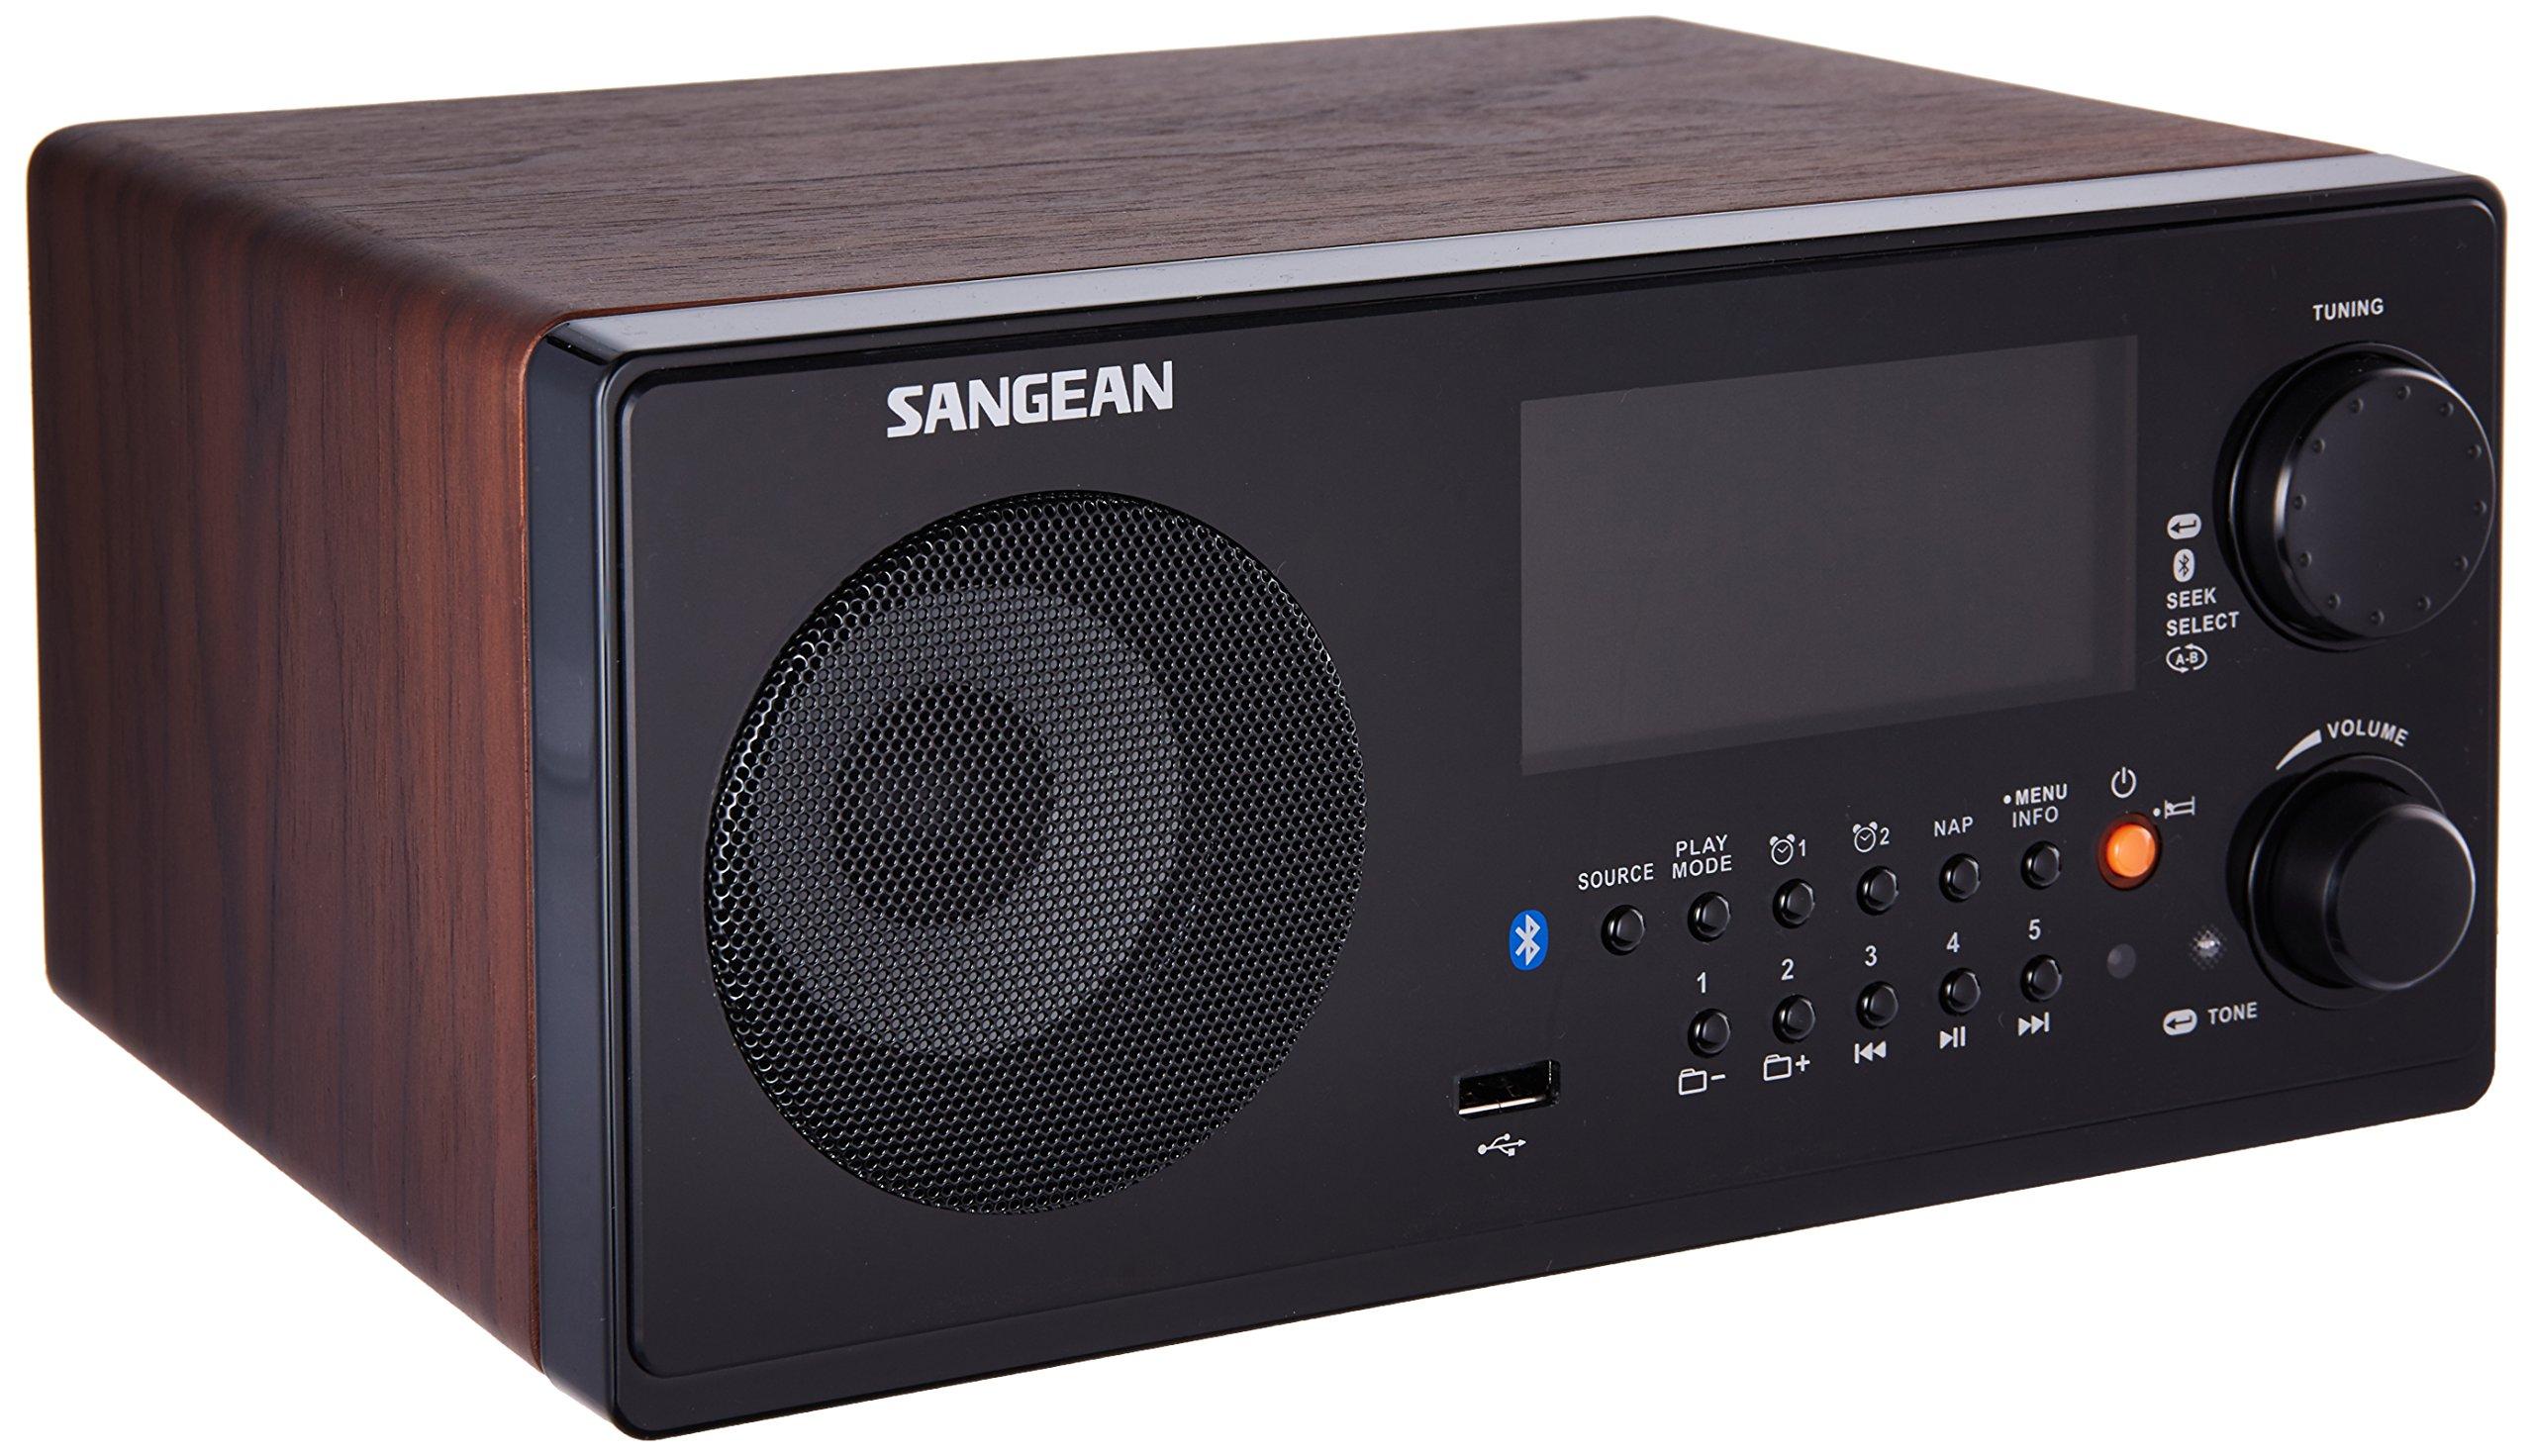 Sangean WR-22WL AM/FM-RDS/Bluetooth/USB Table-Top Digital Tuning Receiver (Dark Walnut) by Sangean